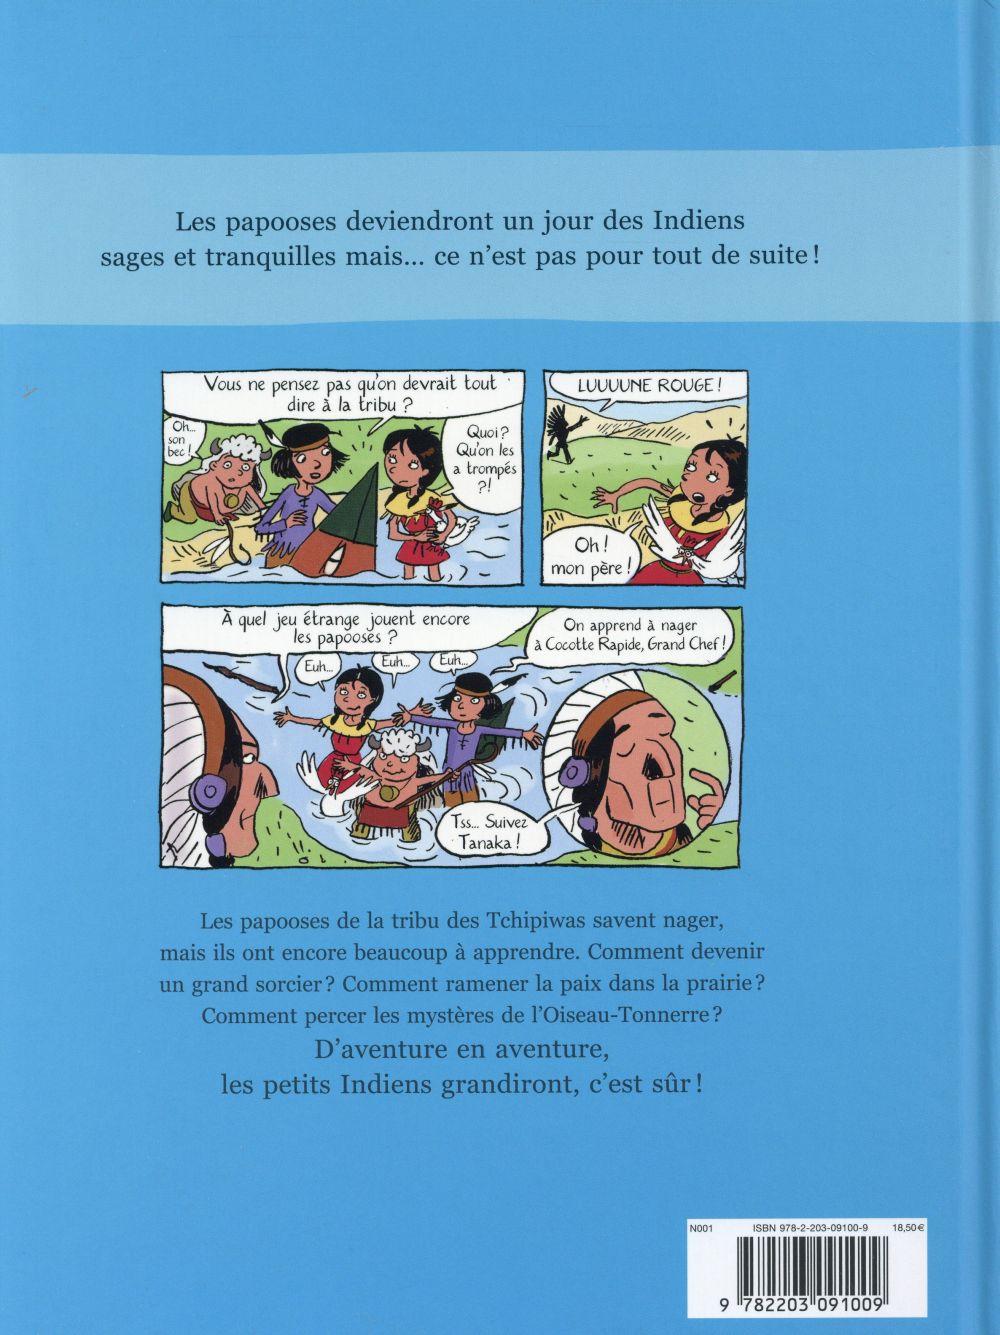 Les Papooses ; compilation ; à l'école des Tchipiwas ; 3 histoires pour les petits Indiens